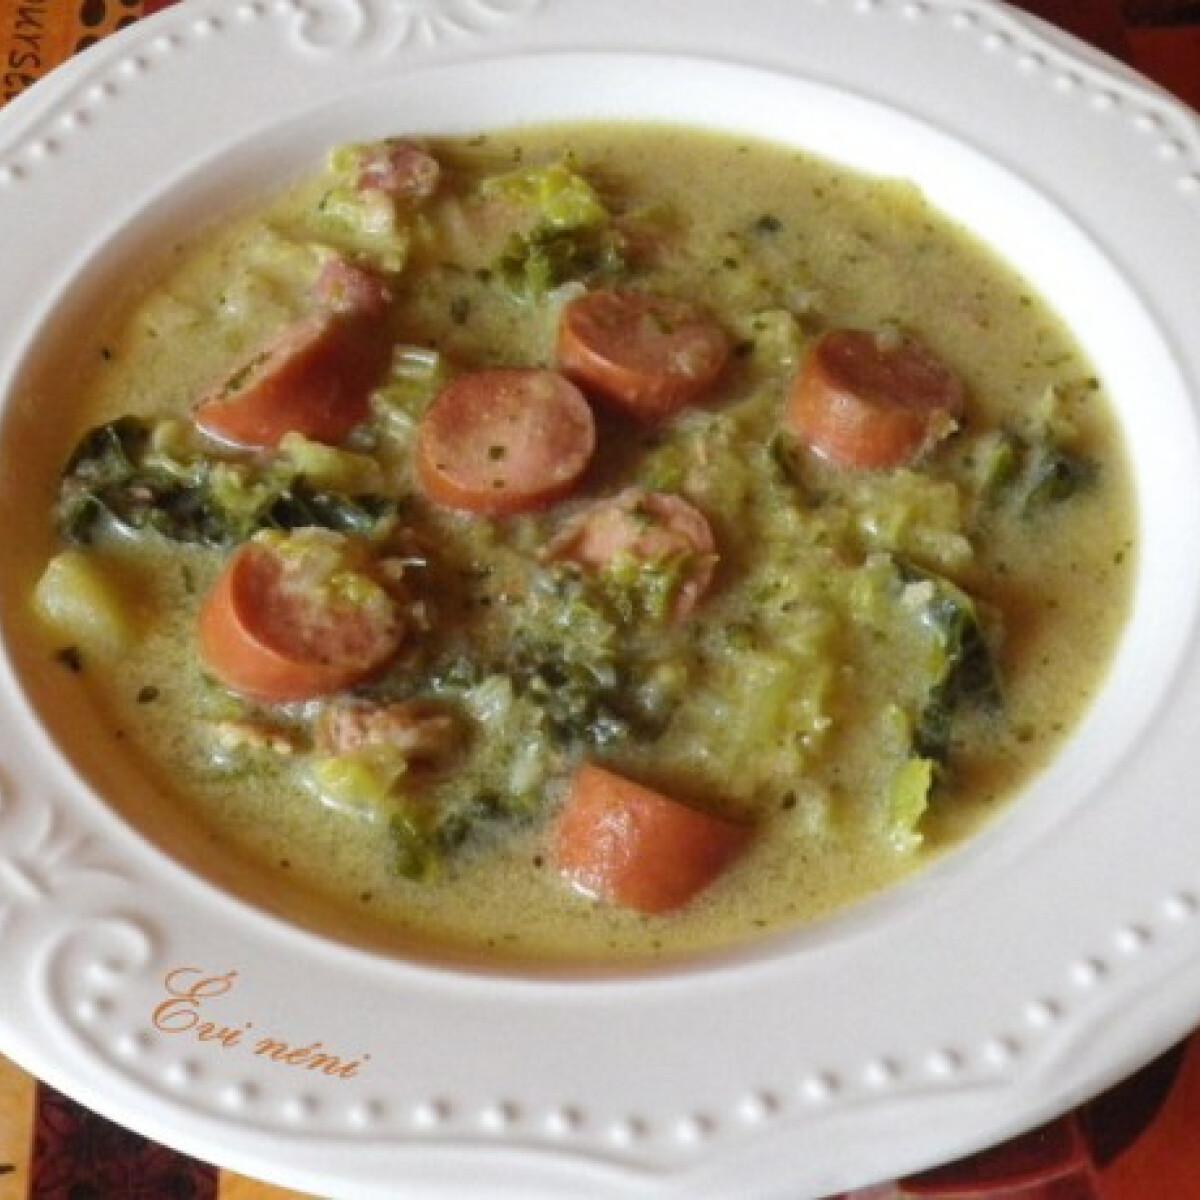 Ezen a képen: Frankfurti leves Évi néni konyhájából